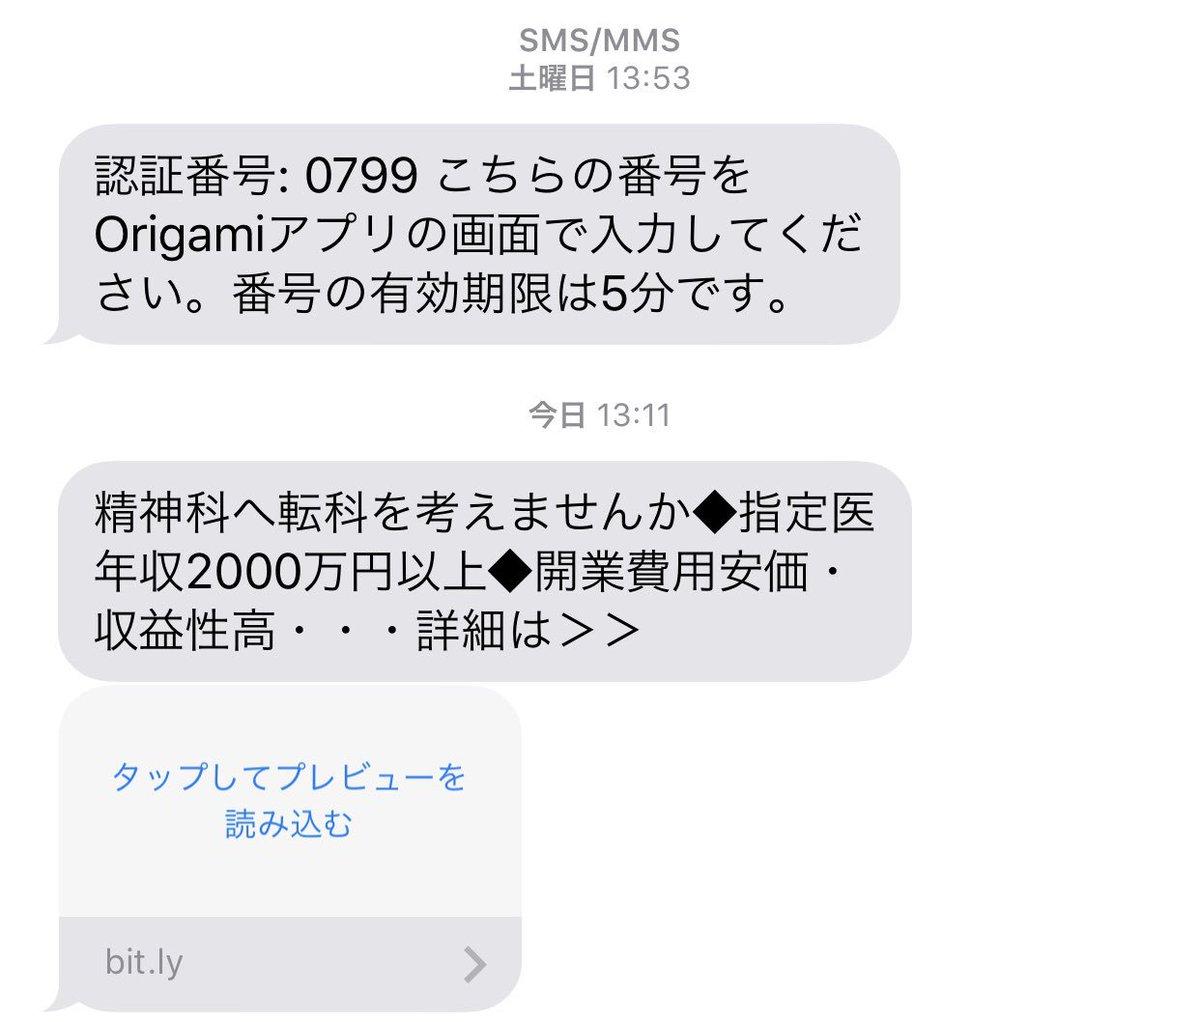 オリガミペイアプリをダウンロードしたときの承認メールと同じアドレスから、医師転職の広告が来たんですが、コレはどういうことでしょう?